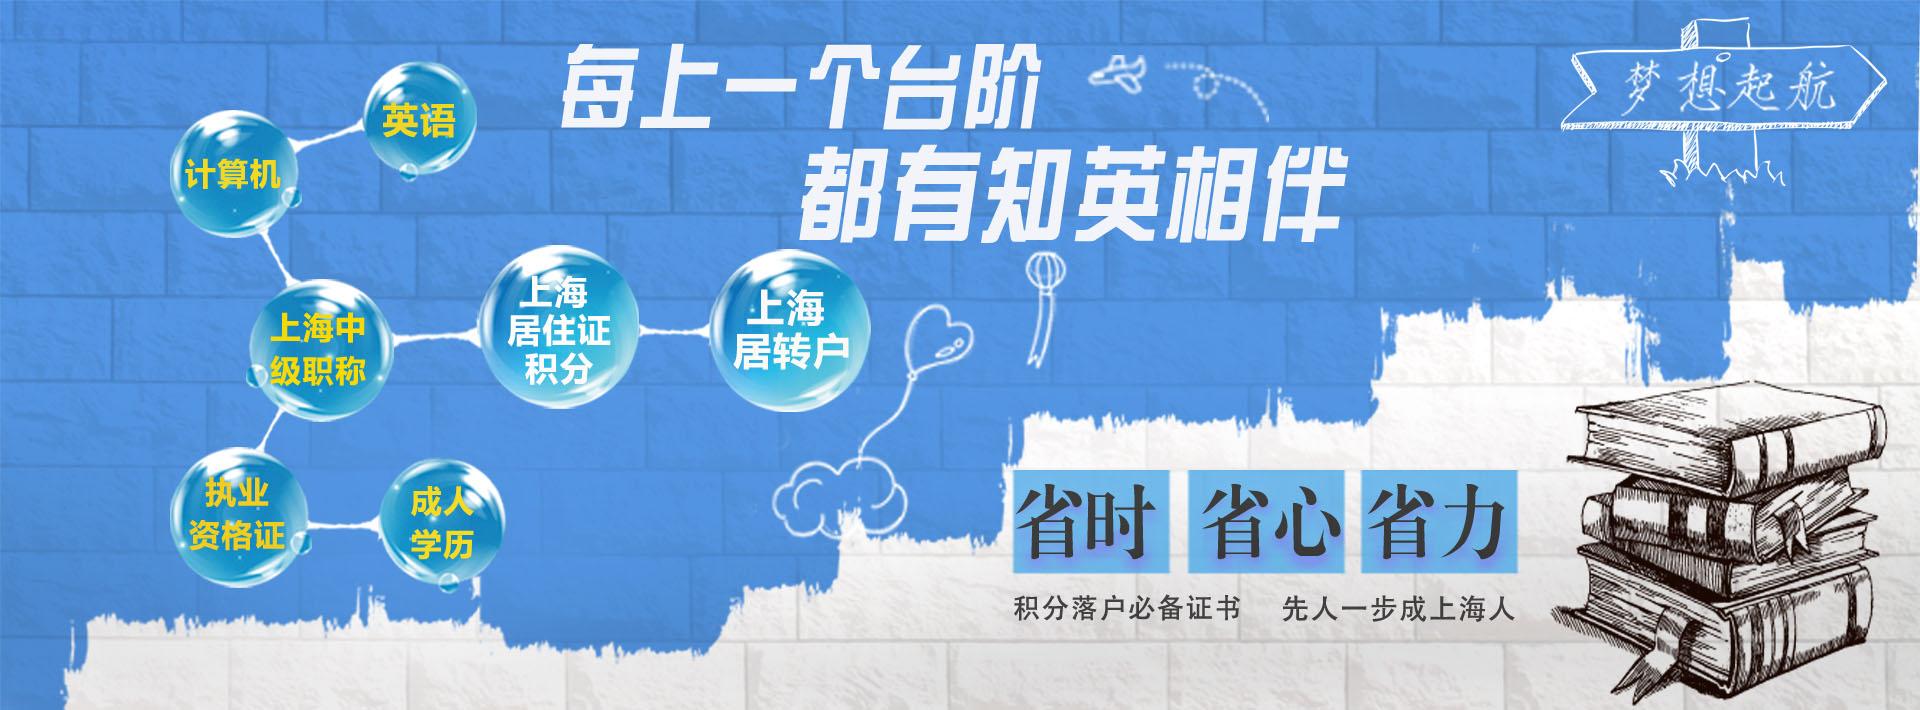 知英培训 上海专升本 上海成人教育通过率高 有保障